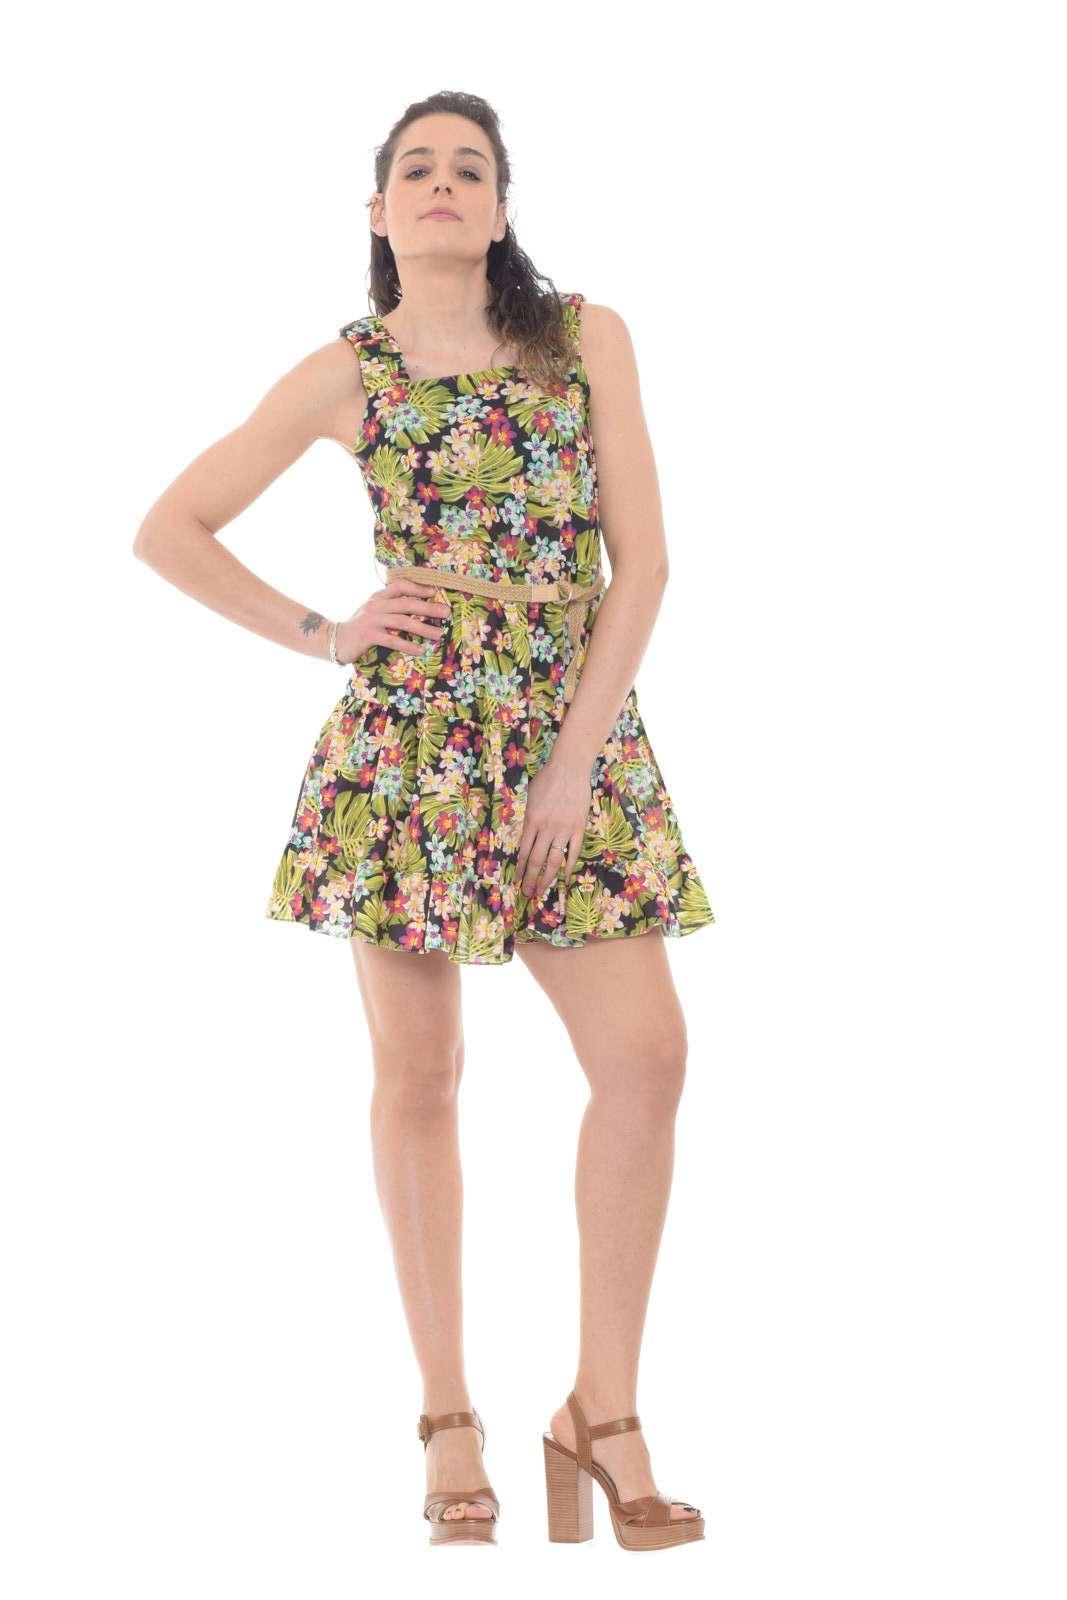 Lasciati conquistare dall'abito donna proposto dalla nuova collezione Imperial. Una fantasia floreale si impone su un taglio morbido impreziosito con balze a creare l'effetto morbido. Per i look quotidiani delle calde giornate estive.